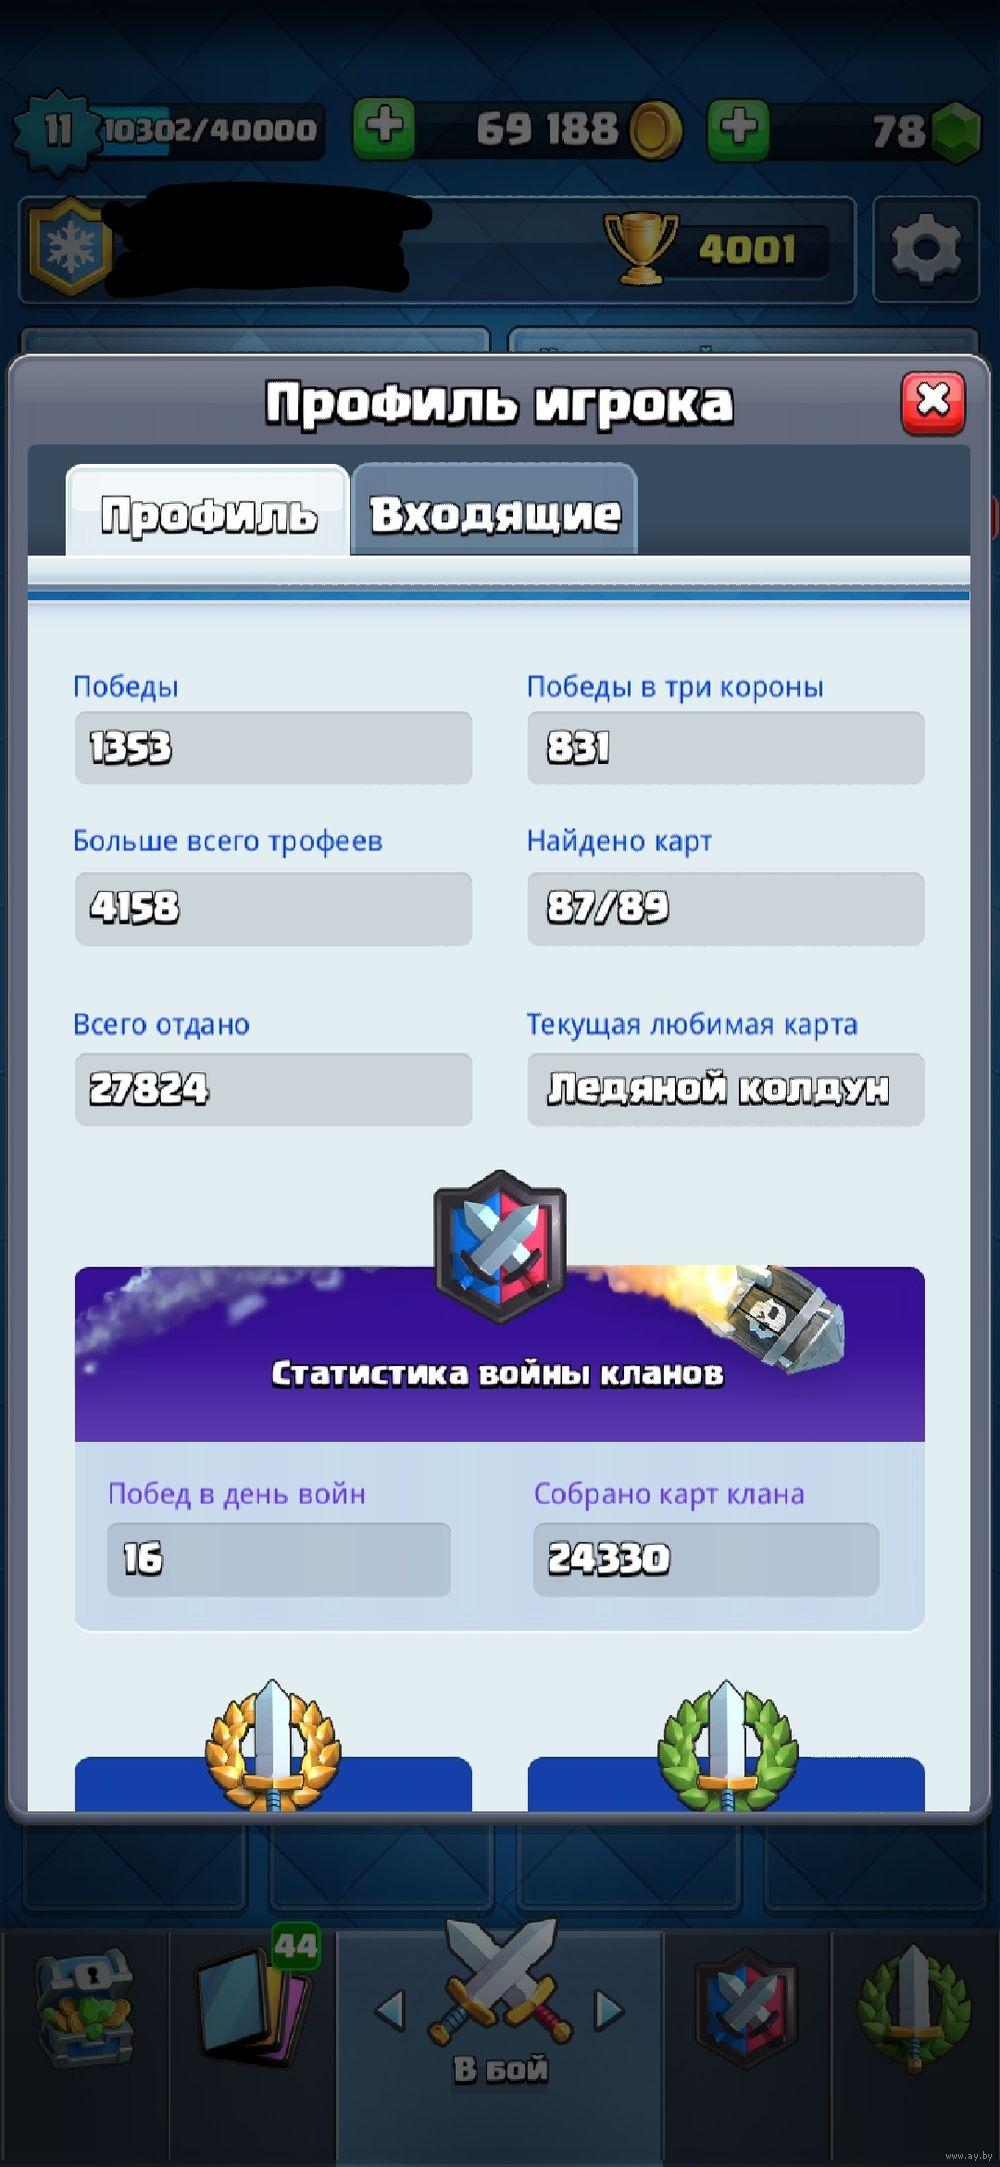 аккаунты clash royale бесплатно